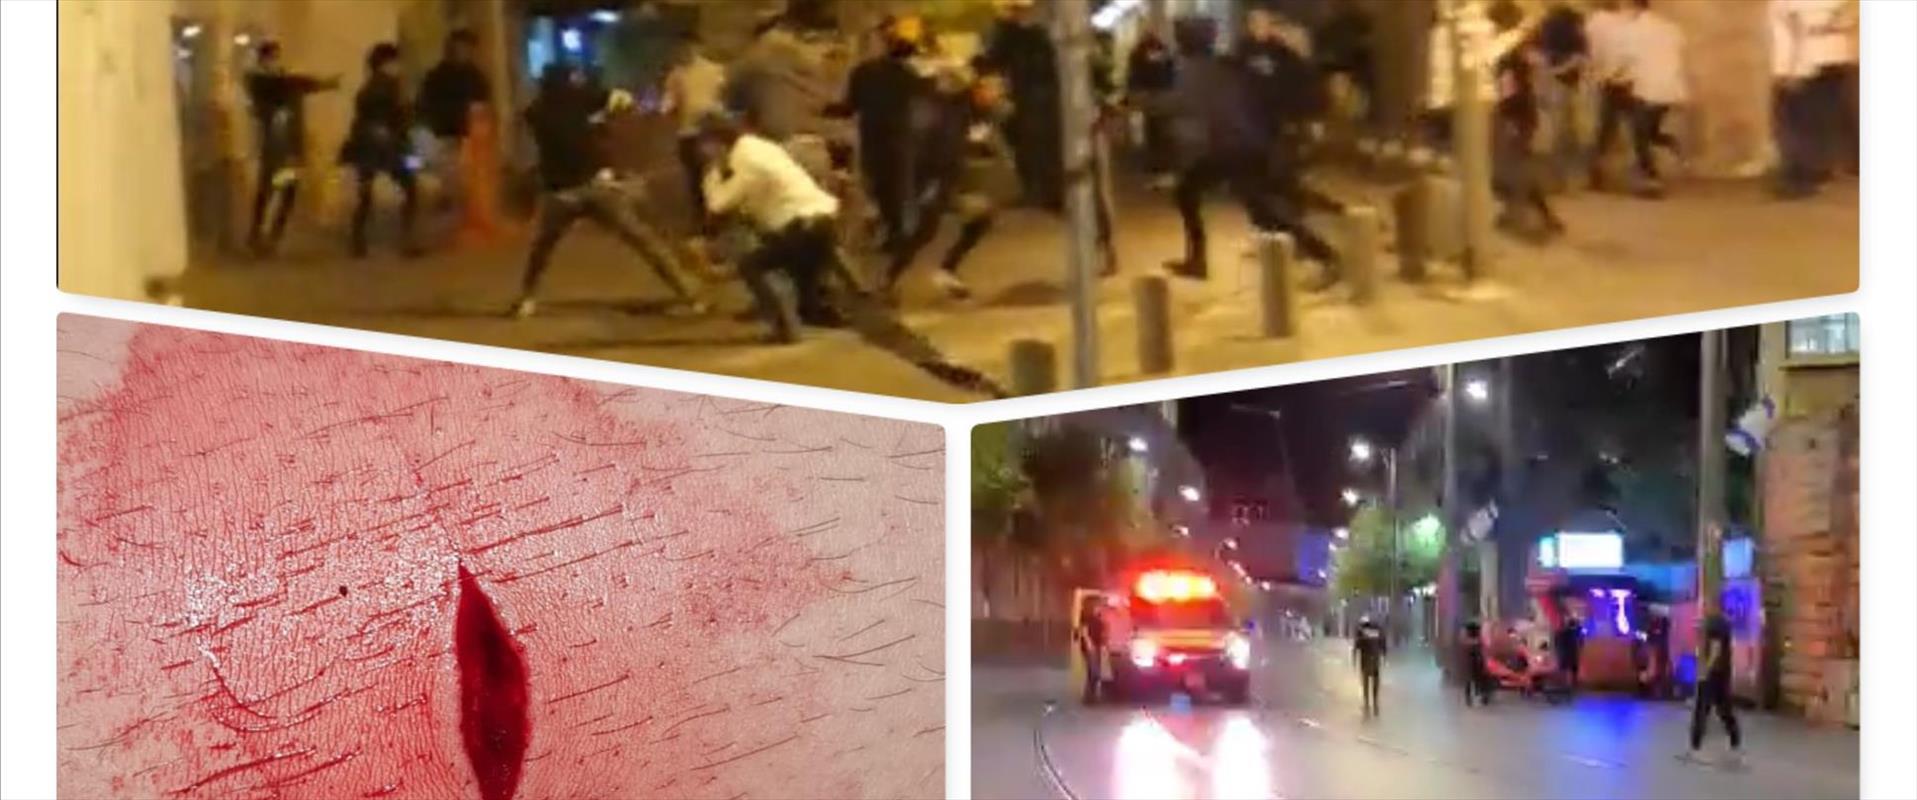 עימותים בירושלים, הלילה